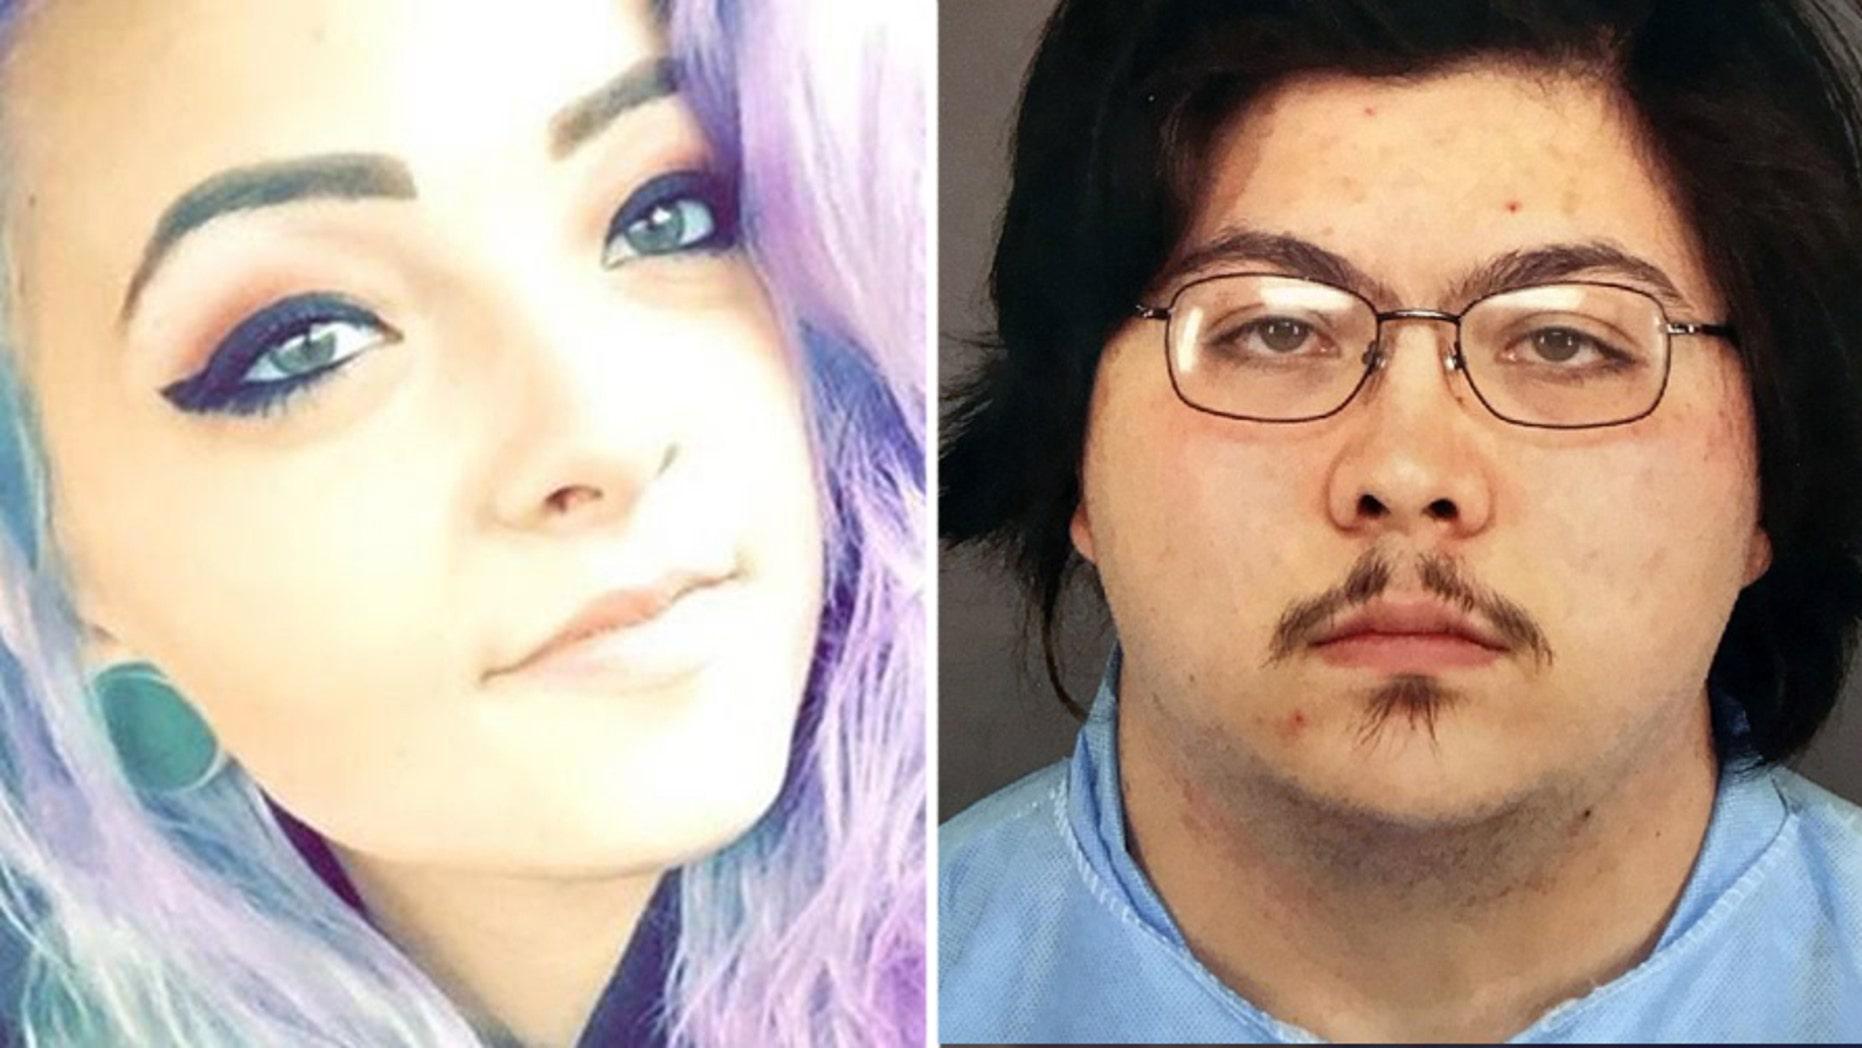 Natalie Bollinger, 19, and Joseph Lopez, 22.